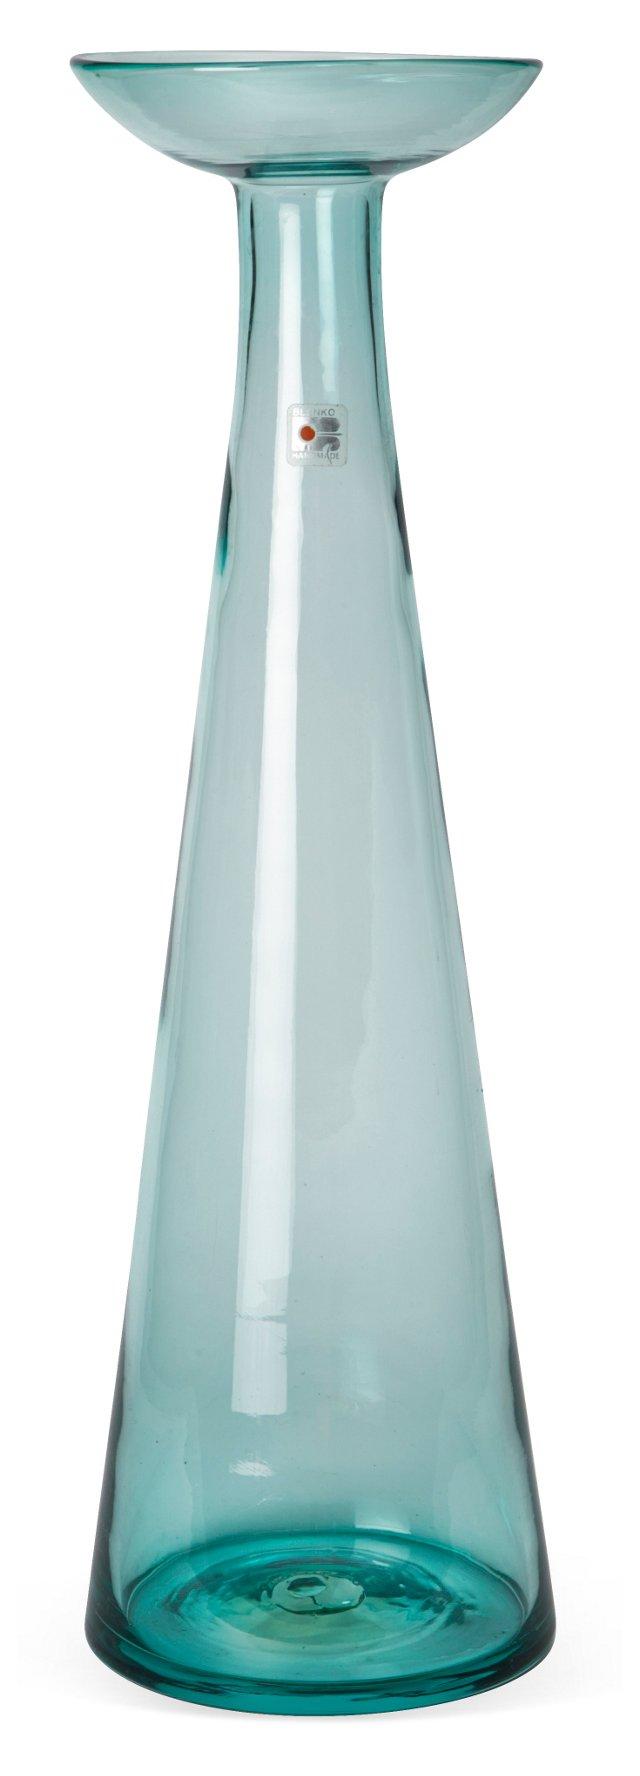 Blenko Turquoise Glass Vase